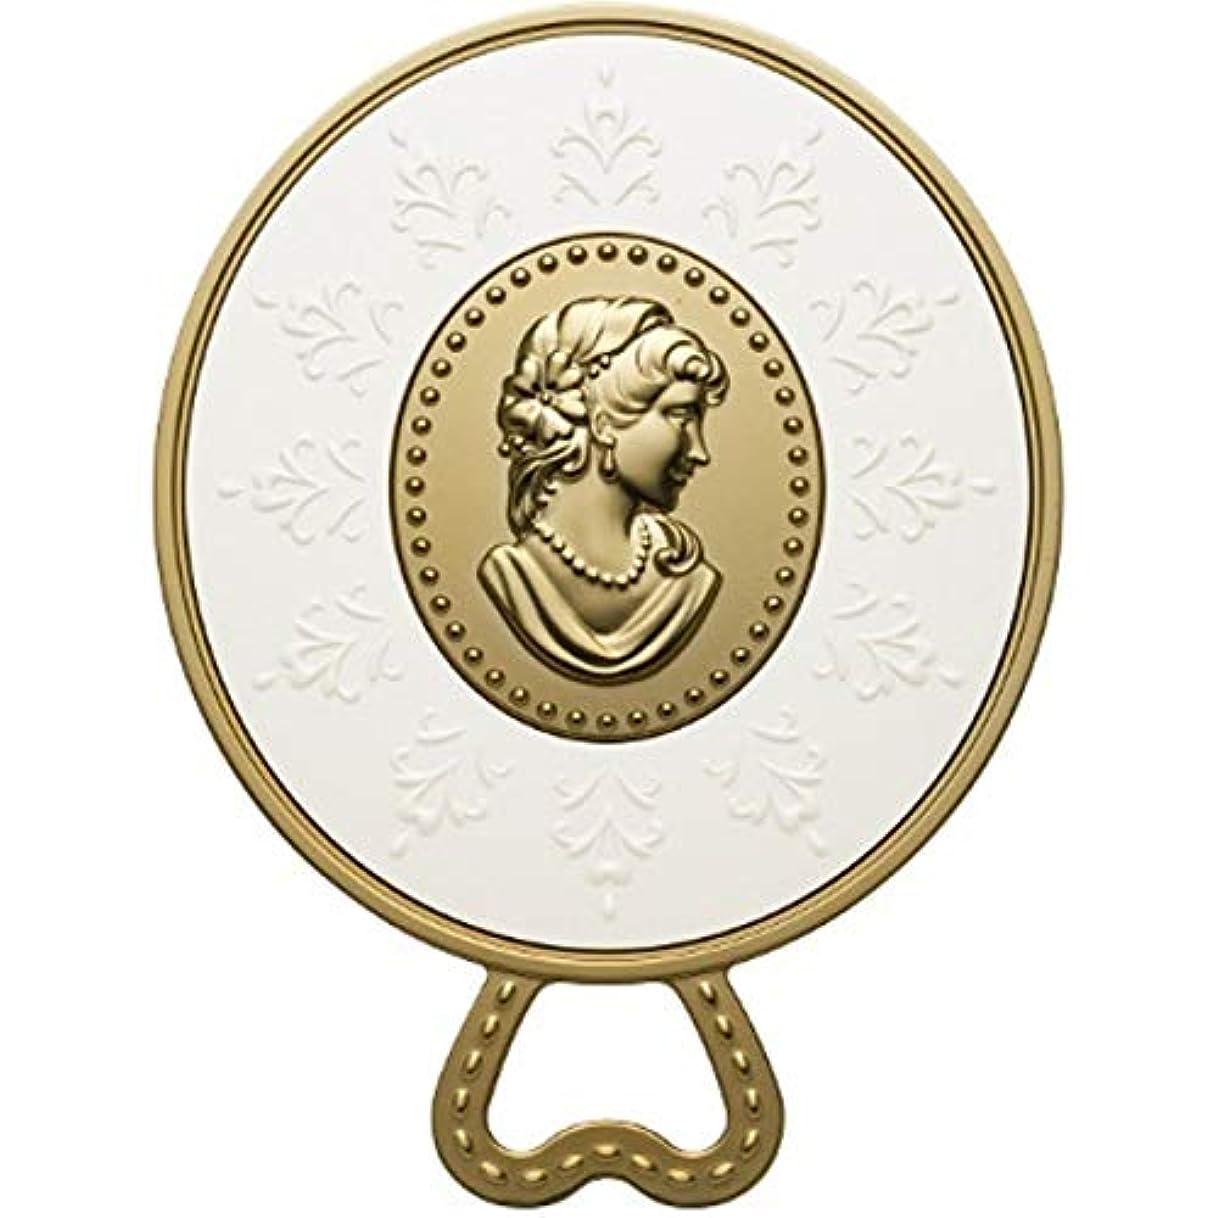 ようこそペナルティ行う(レ?メルヴェイユーズ ラデュレ) Les Merveilleuses LADUREE ラデュレ ハンドミラー 鏡 カメオ アンティーク調 ゴールド 金 ブランド